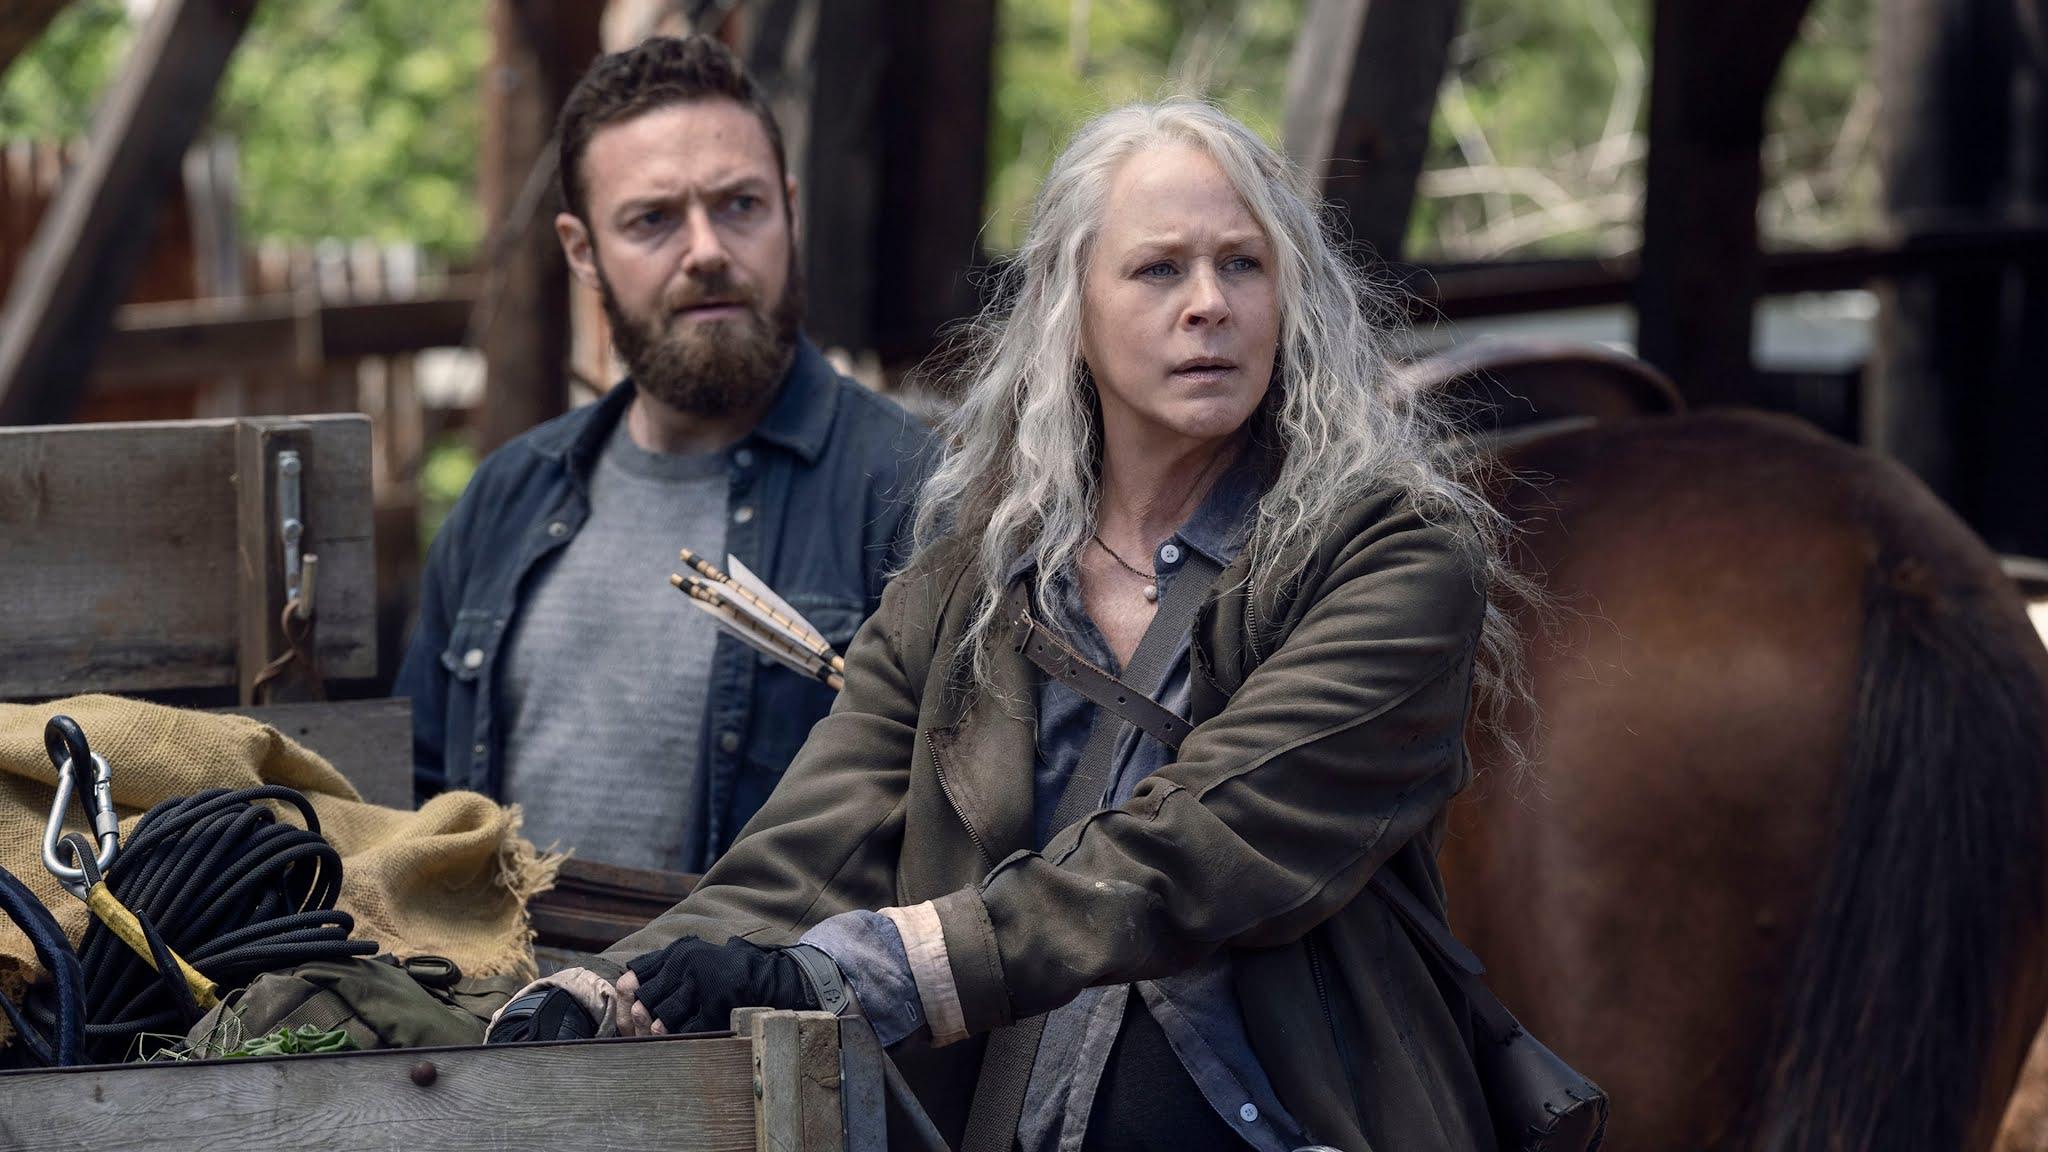 Aaron y Carol descubren que Connie está viva en el 11x05 de The Walking Dead